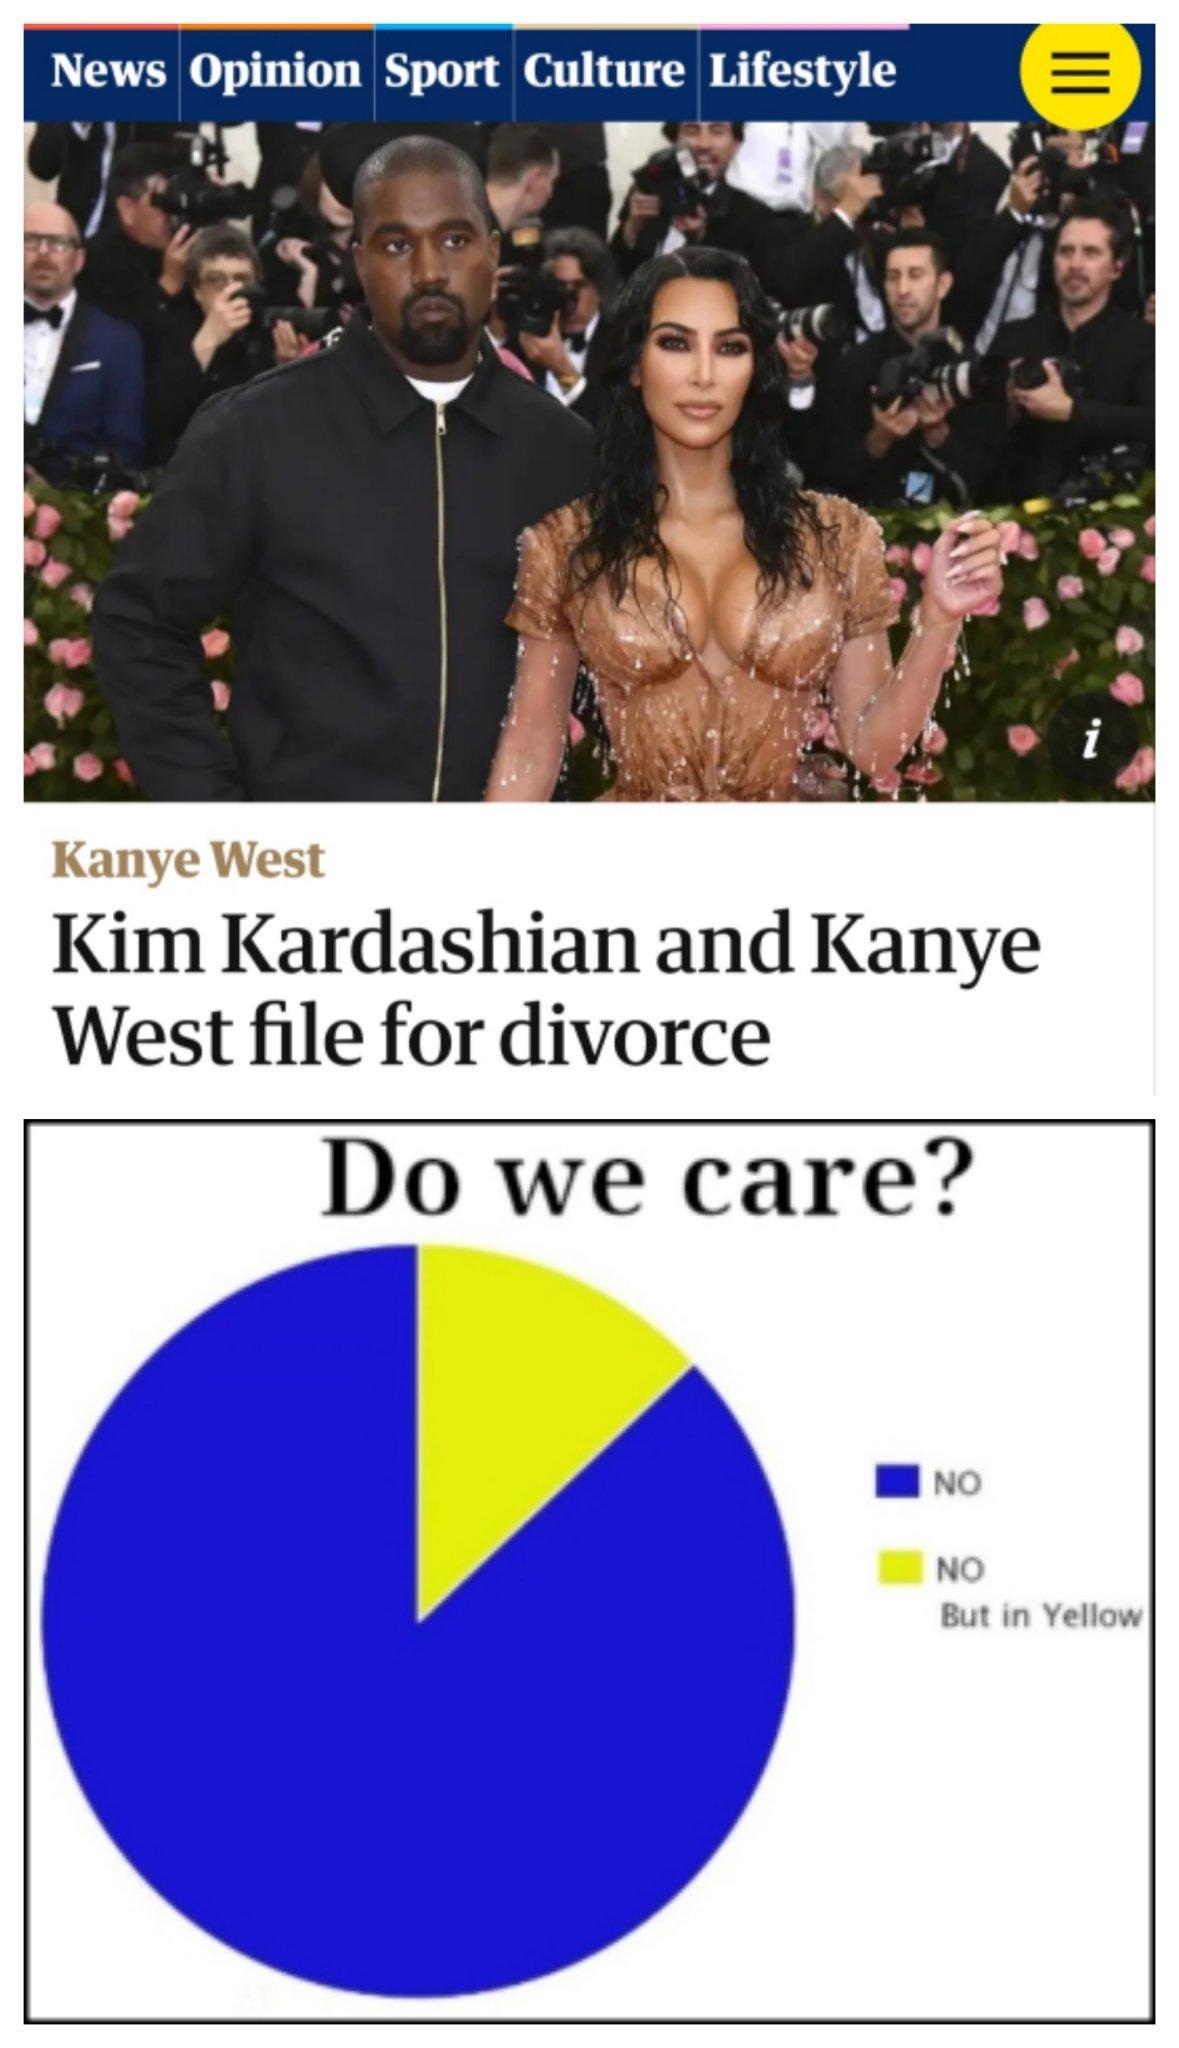 Yes we do - meme